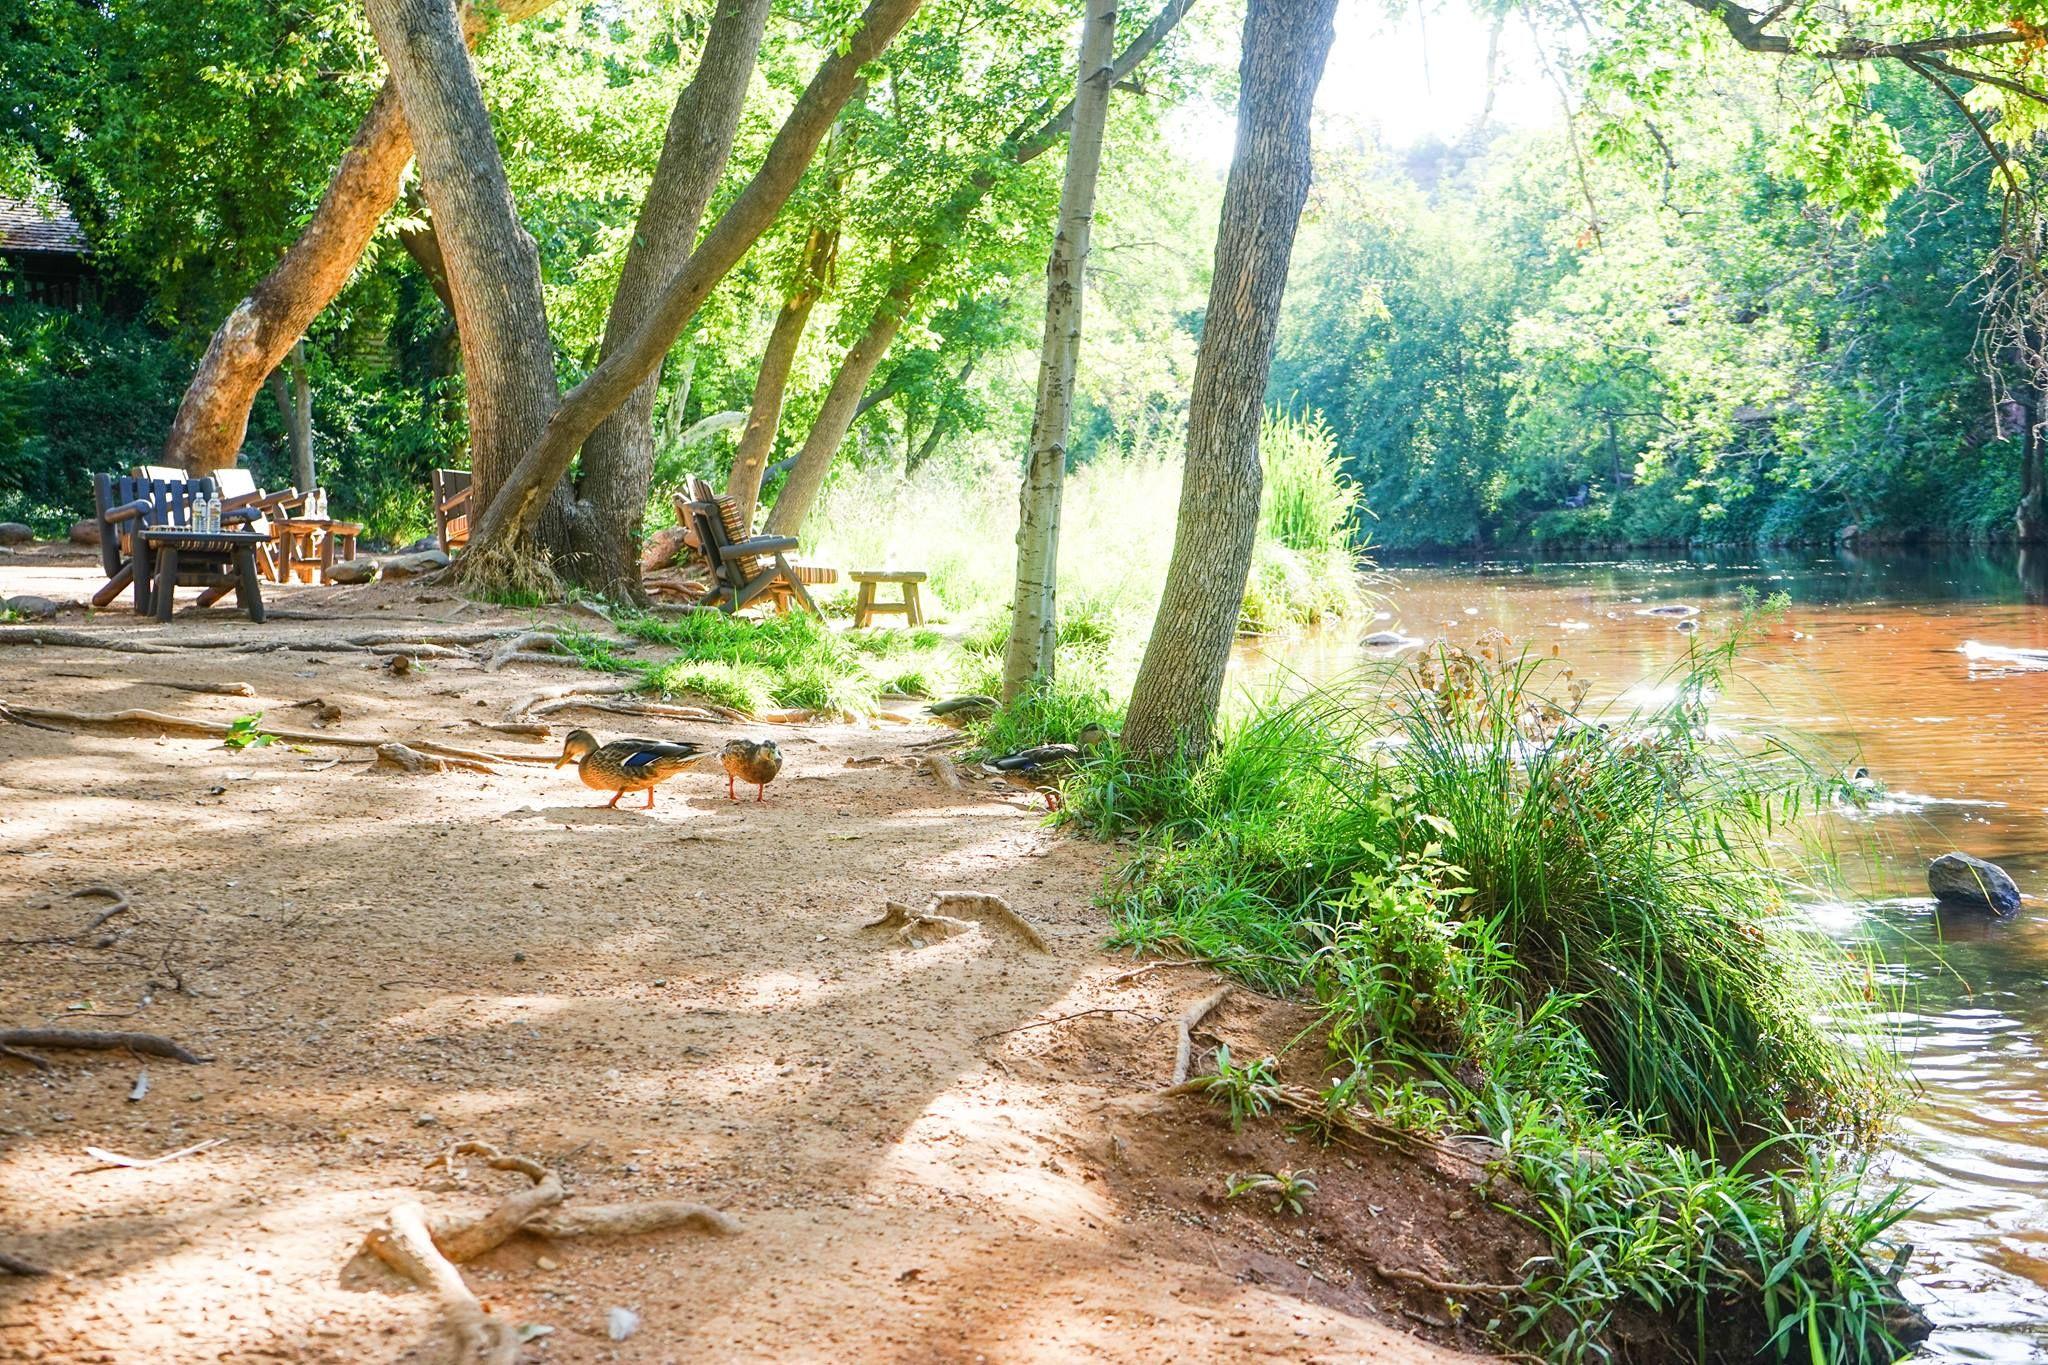 Happy trails. #lauberge #laubergedesedona #travel # ...